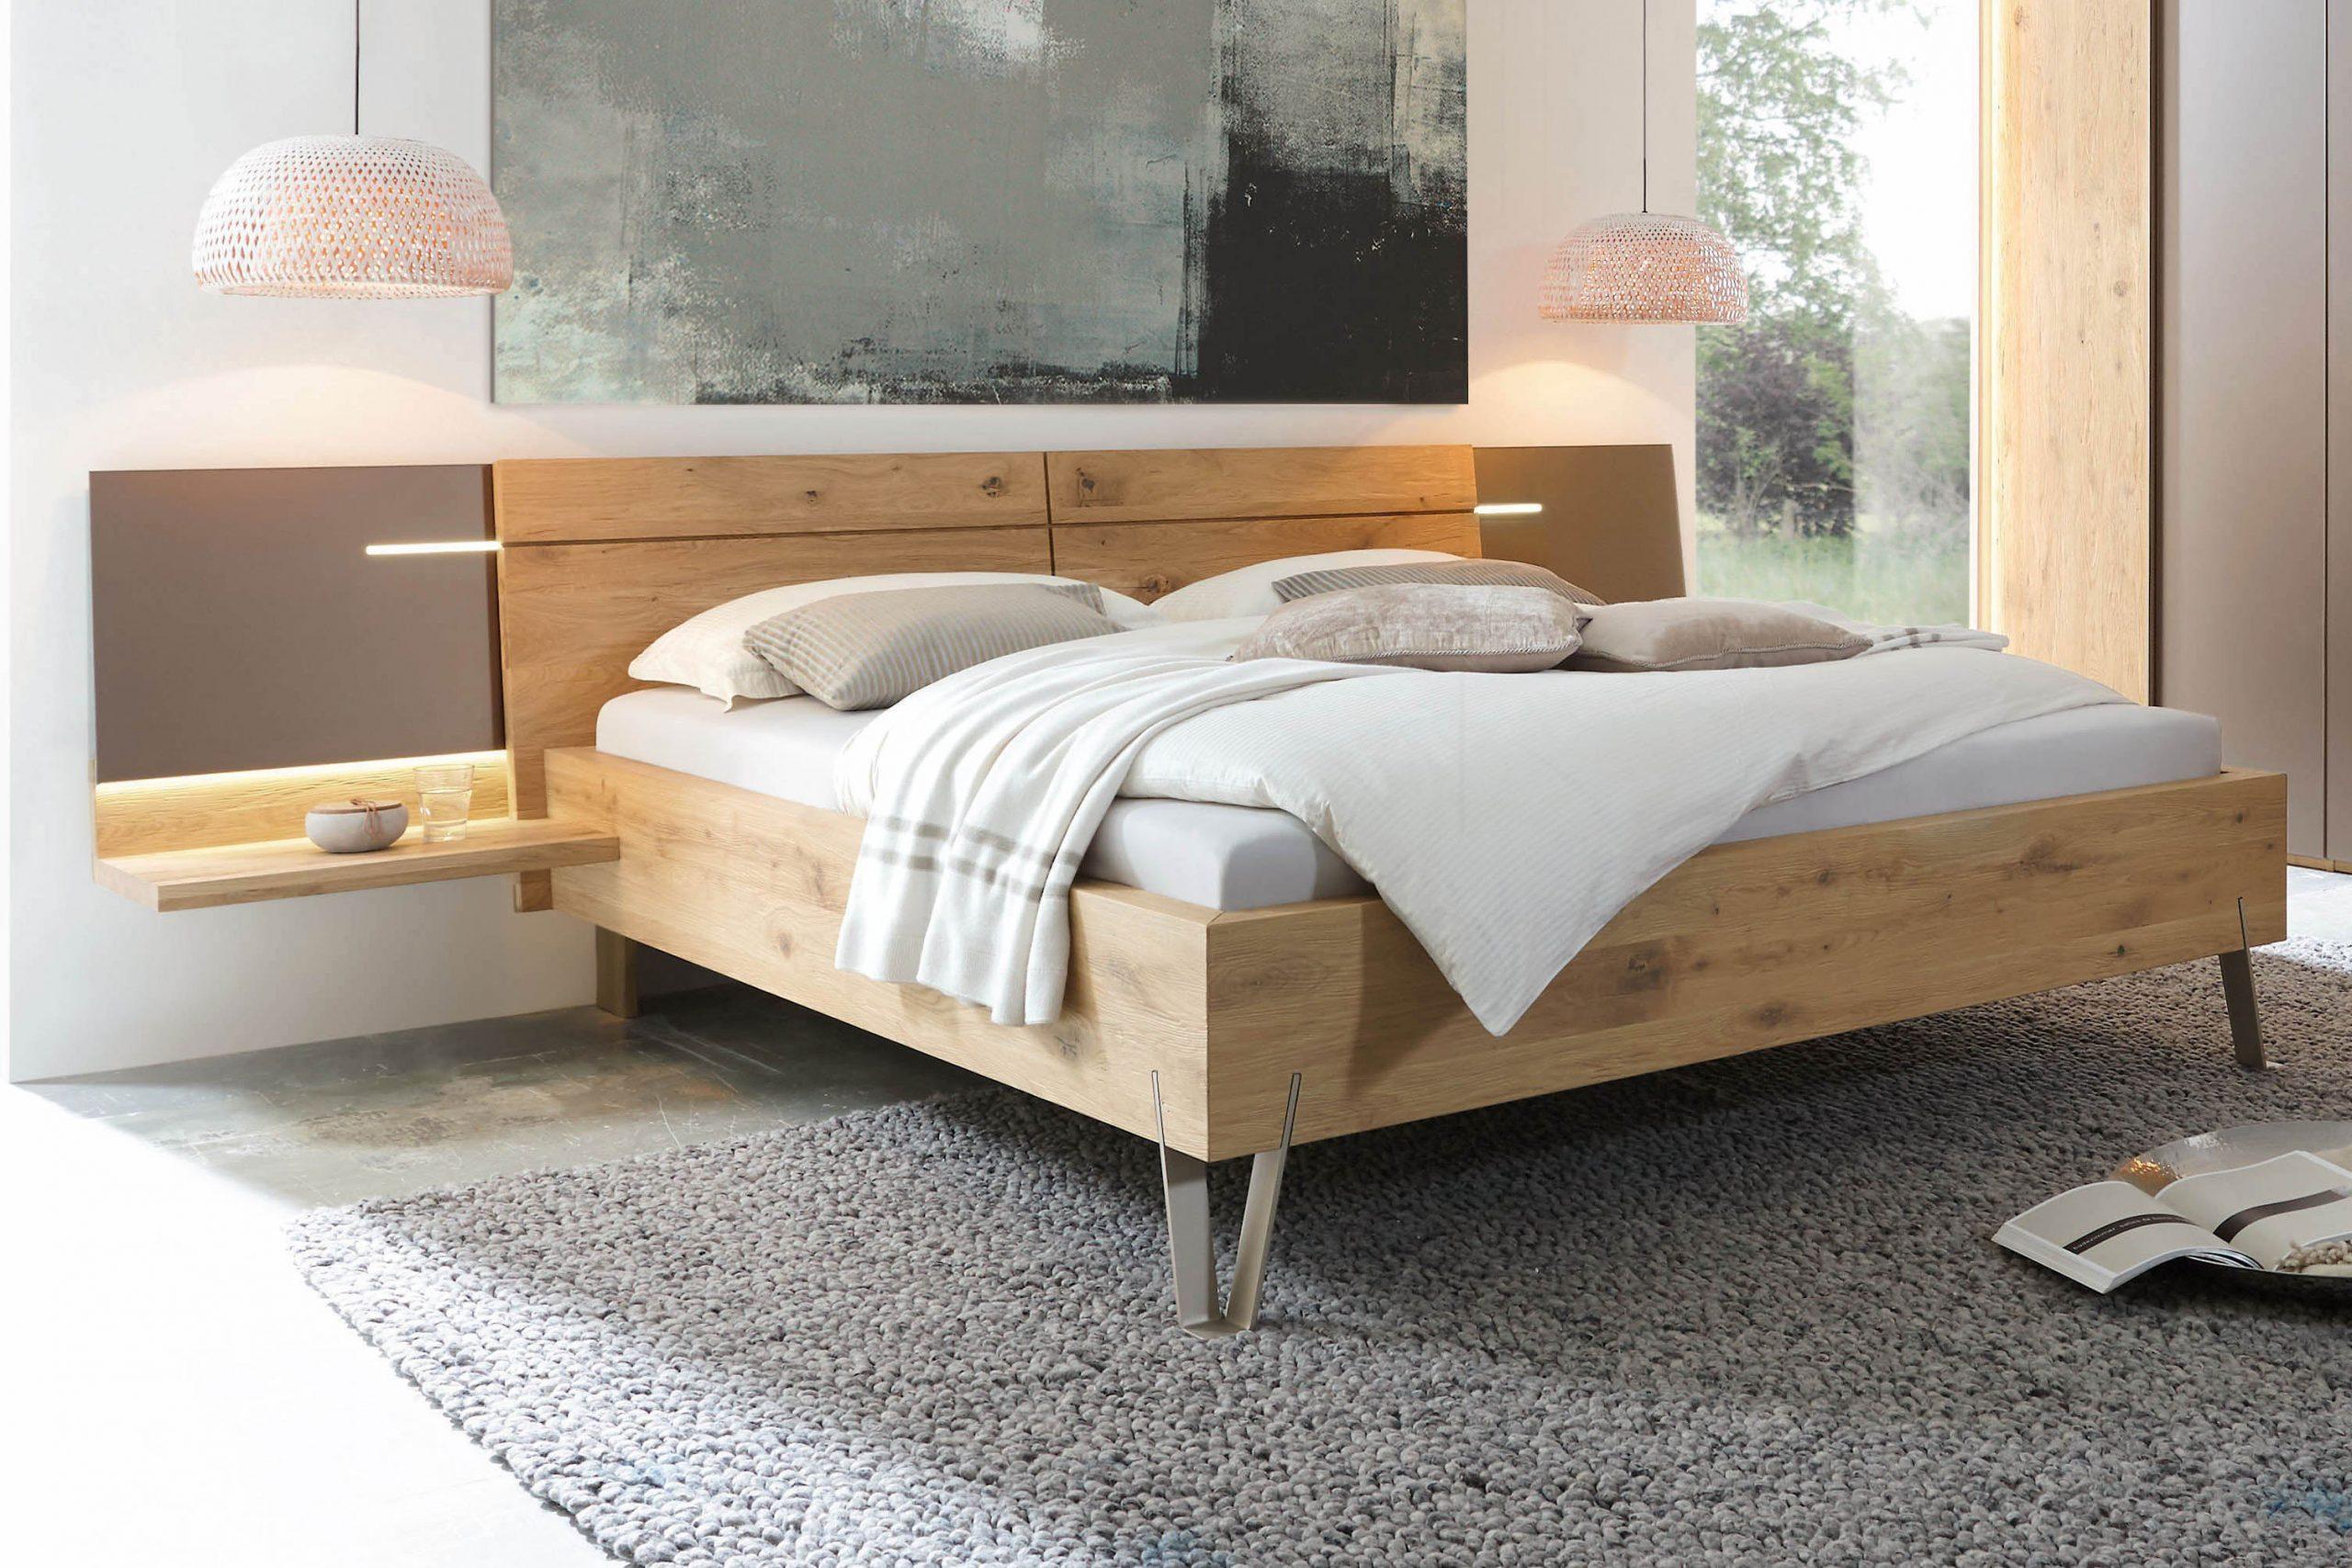 Full Size of Wildeiche Bett Bettbank Massiv 200x200 Eiche 140x200 180x200 Thielemeyer Cubo Cm Mbel Letz Ihr Hoch Mit Unterbett Betten 100x200 Günstig Kaufen Nolte 140 X Bett Wildeiche Bett